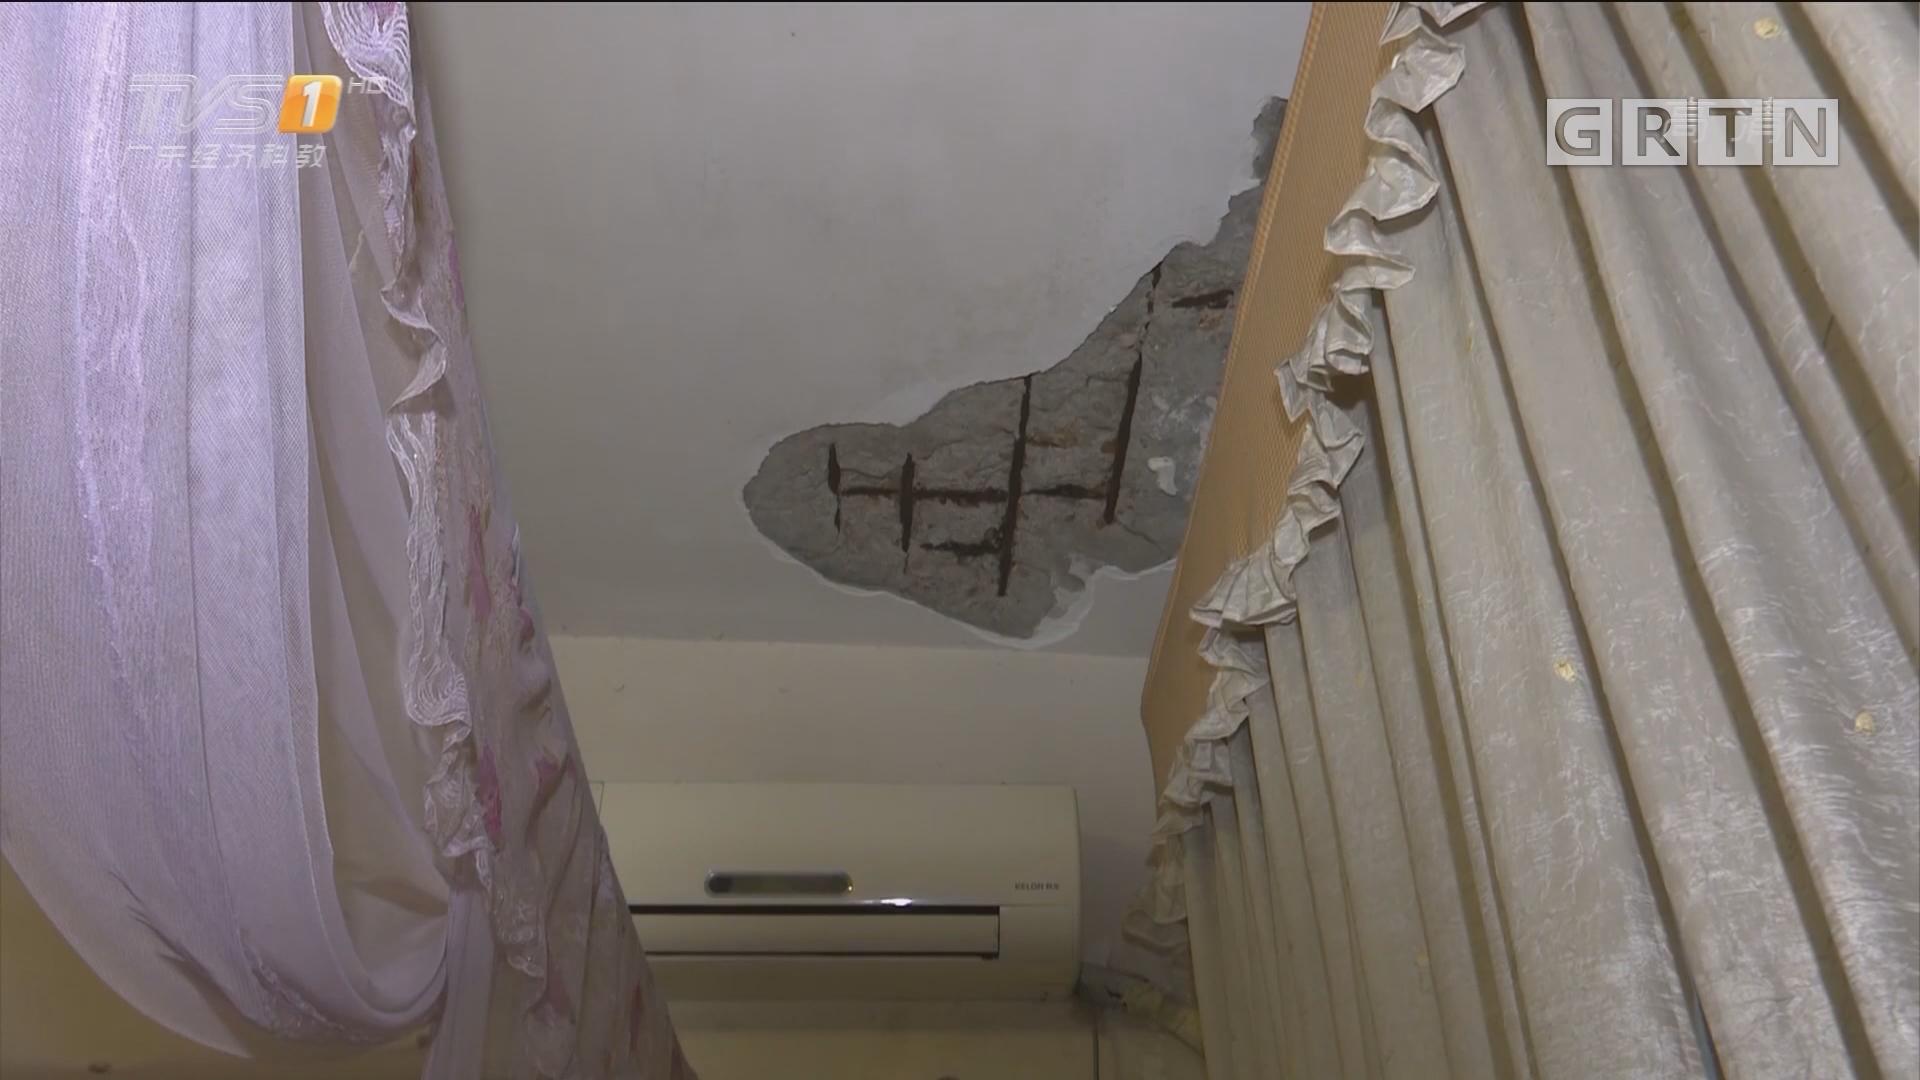 深圳:房间天花板突然脱落 砸伤熟睡儿童